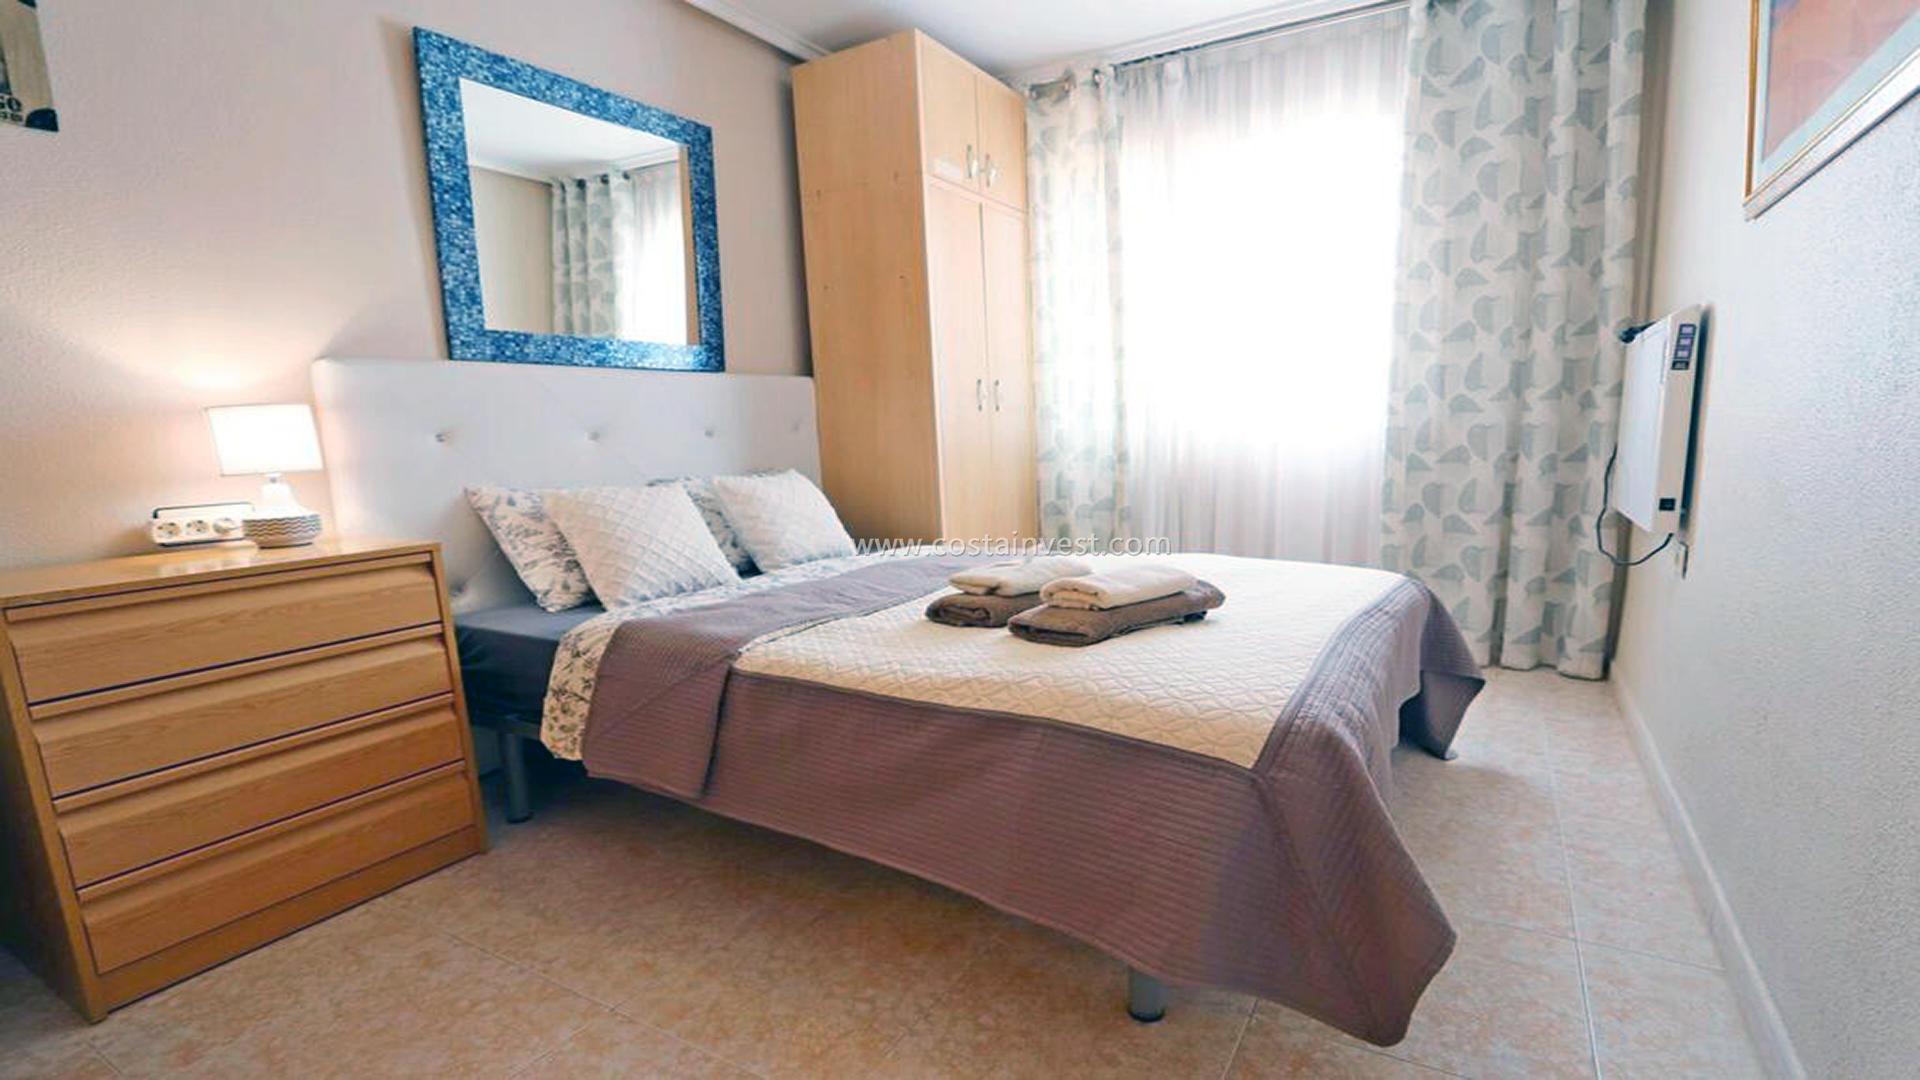 Bungalow -                                       Torrevieja -                                       2 sypialnie -                                       4 osoby